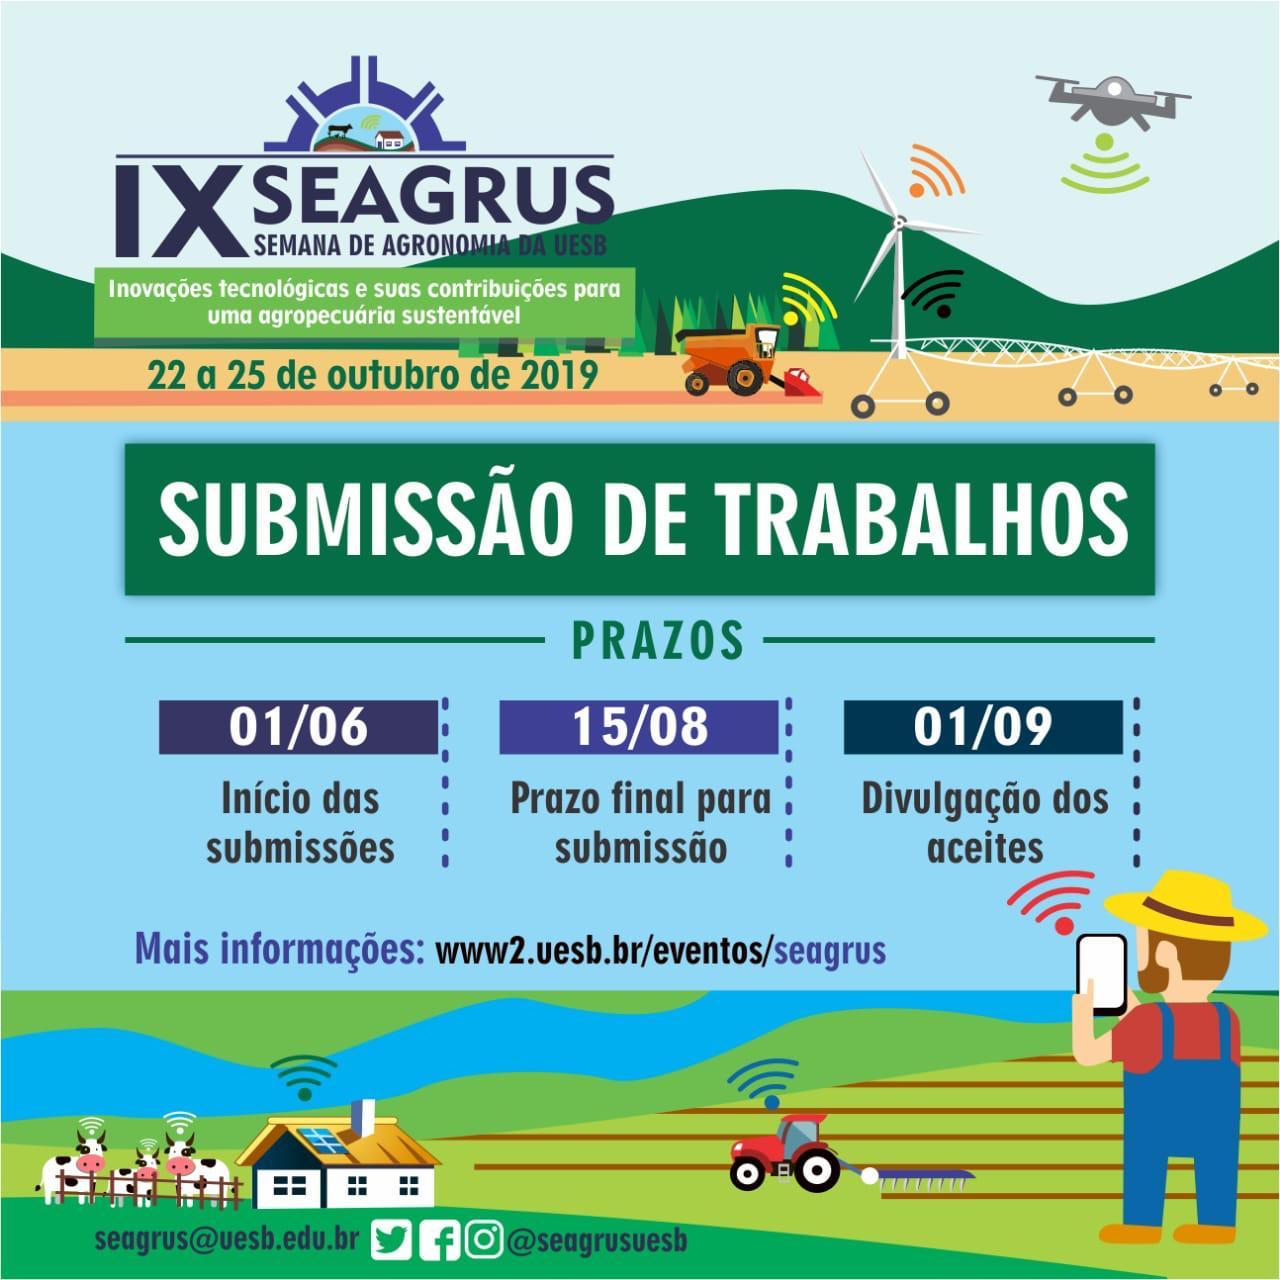 SEABRUS 2019 - Submissão